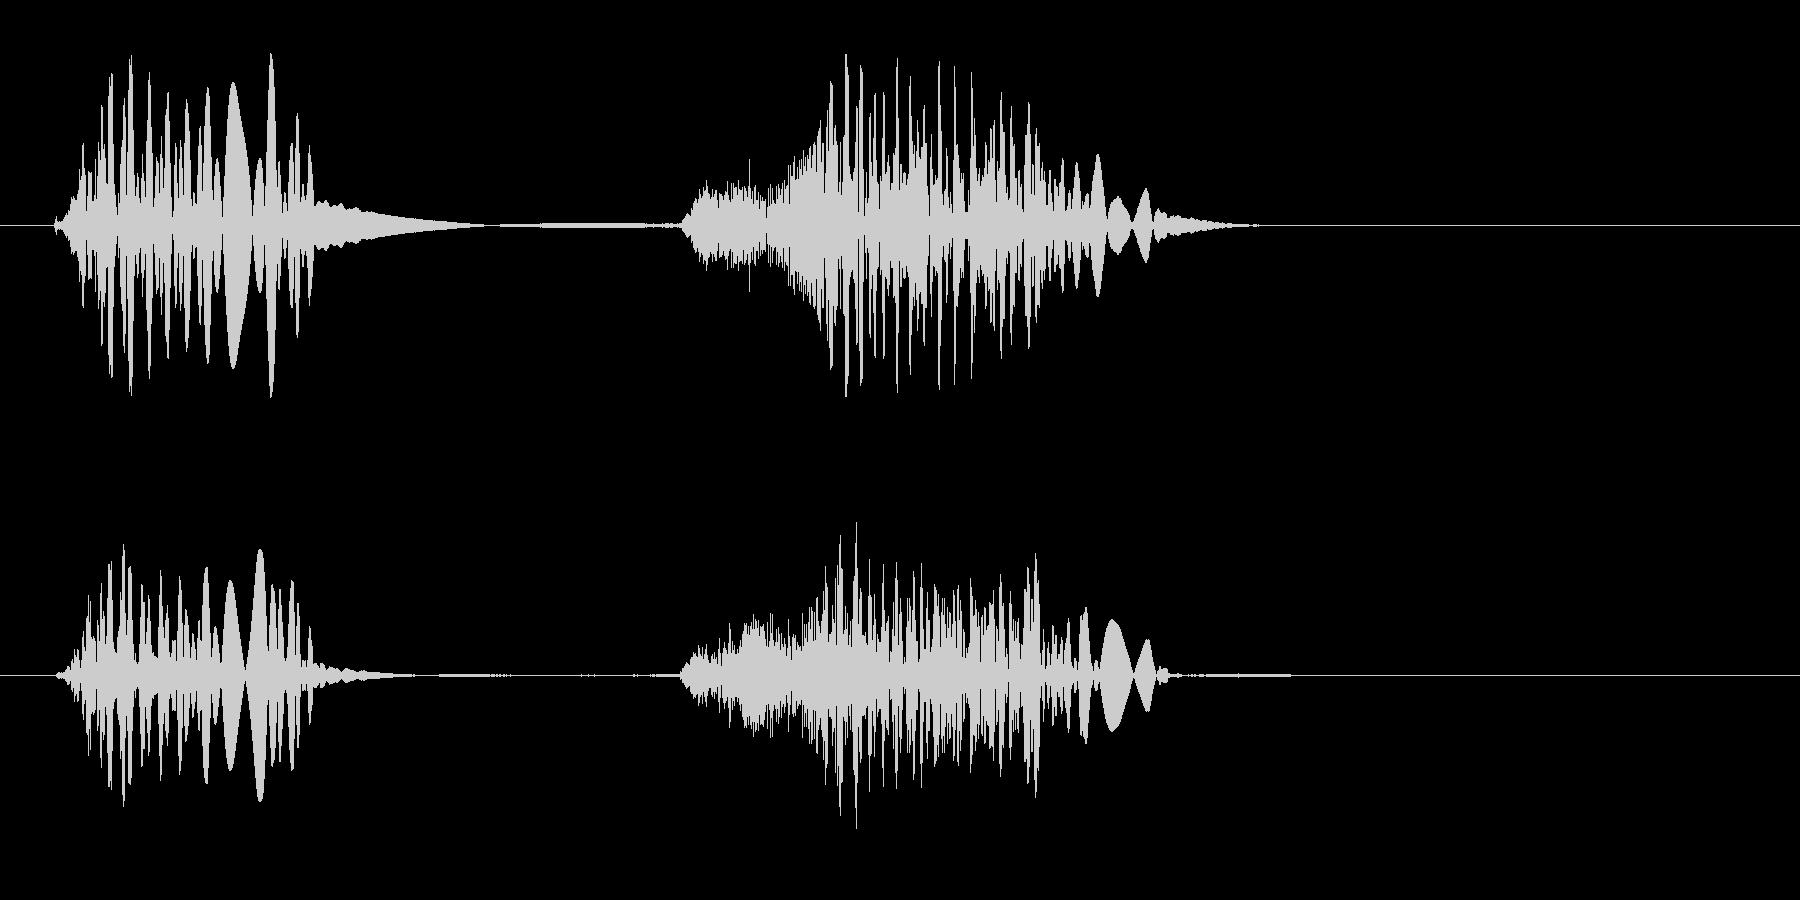 ベチョ、という何かがくっつくような音の未再生の波形